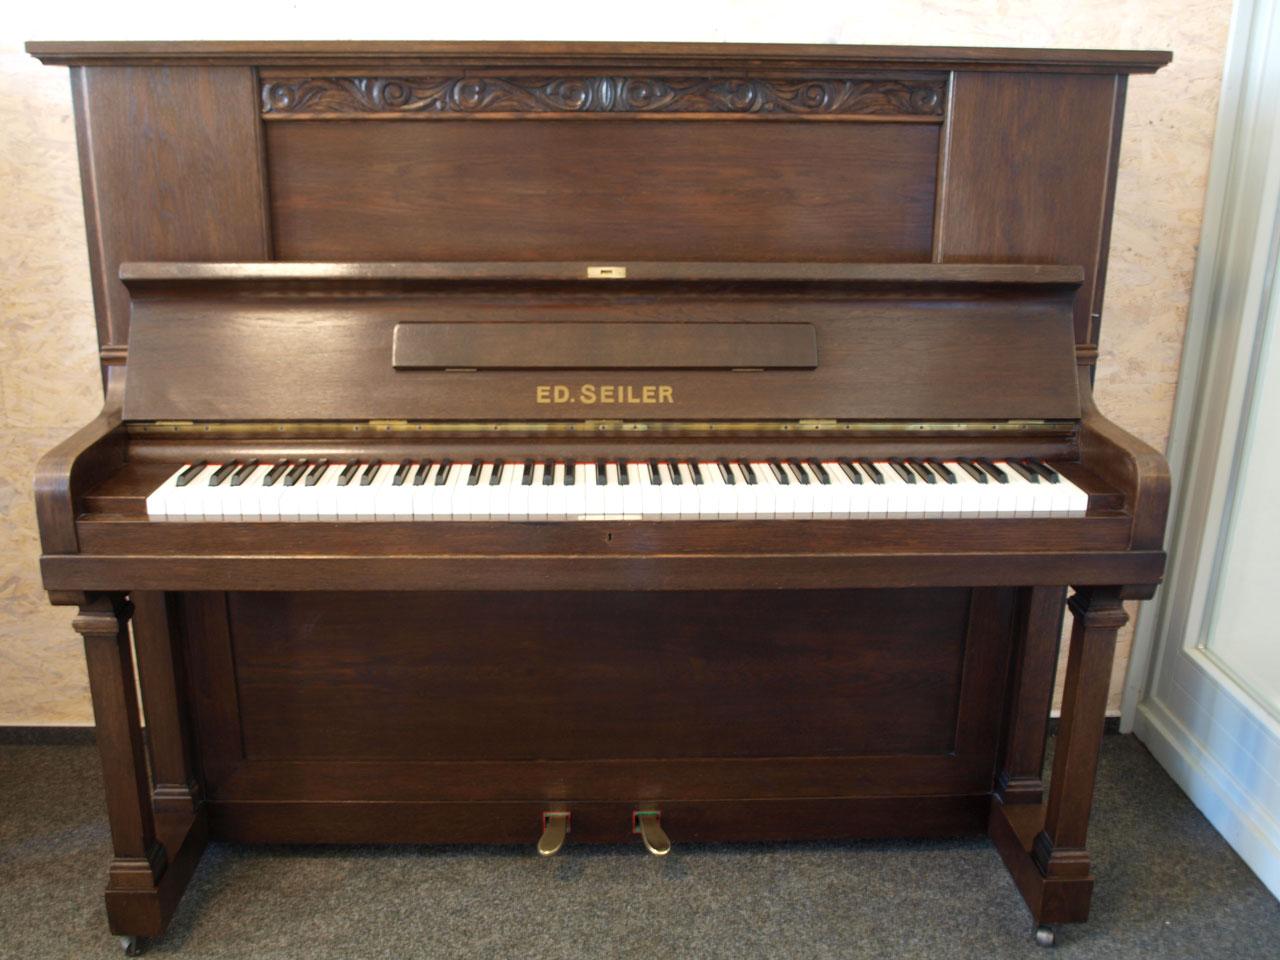 Seiler - Klavier, Mod. 130